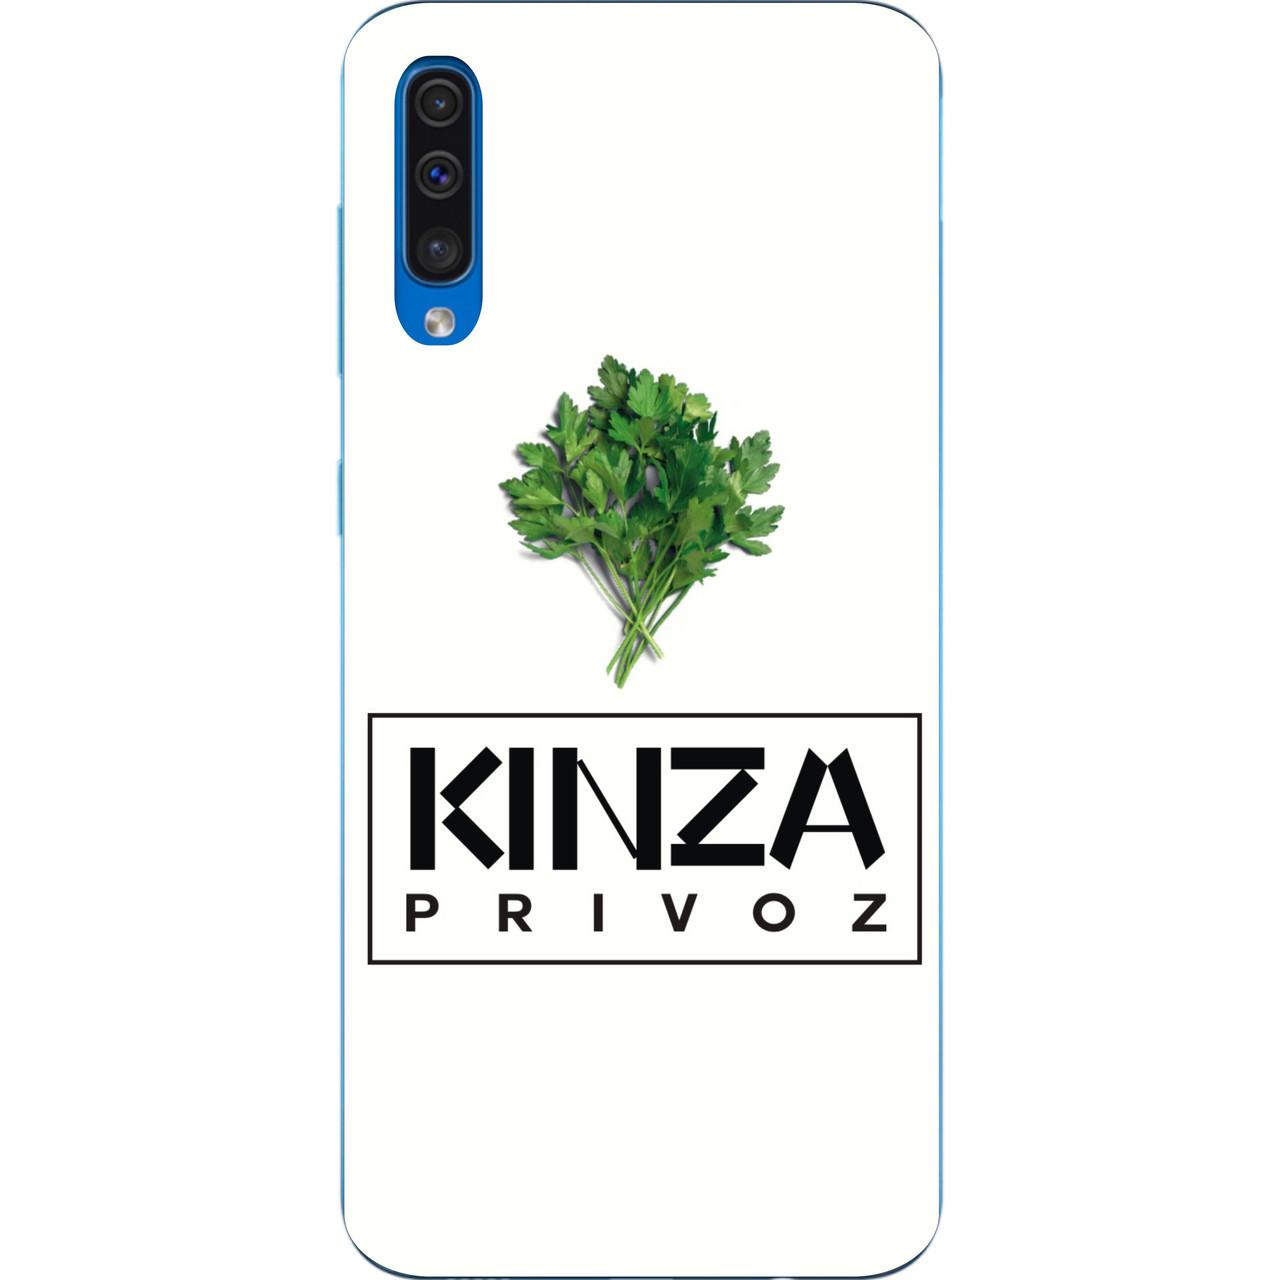 Антибрендовый силиконовый чехол для Samsung Galaxy A50 2019 A505F с картинкой Kinza Privoz